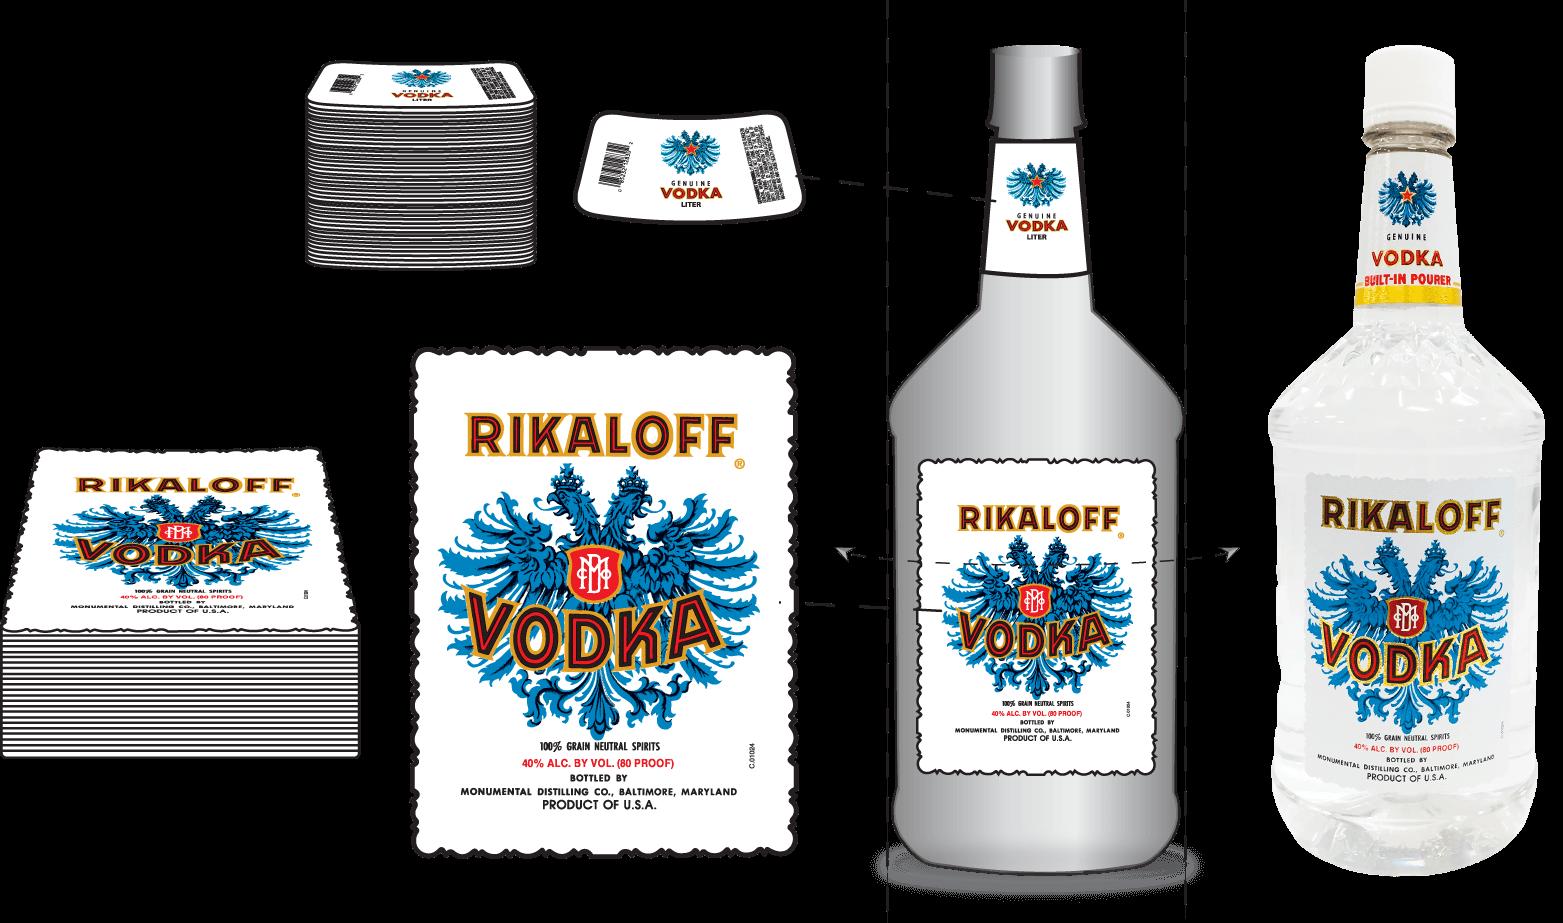 Rikaloff Vodka